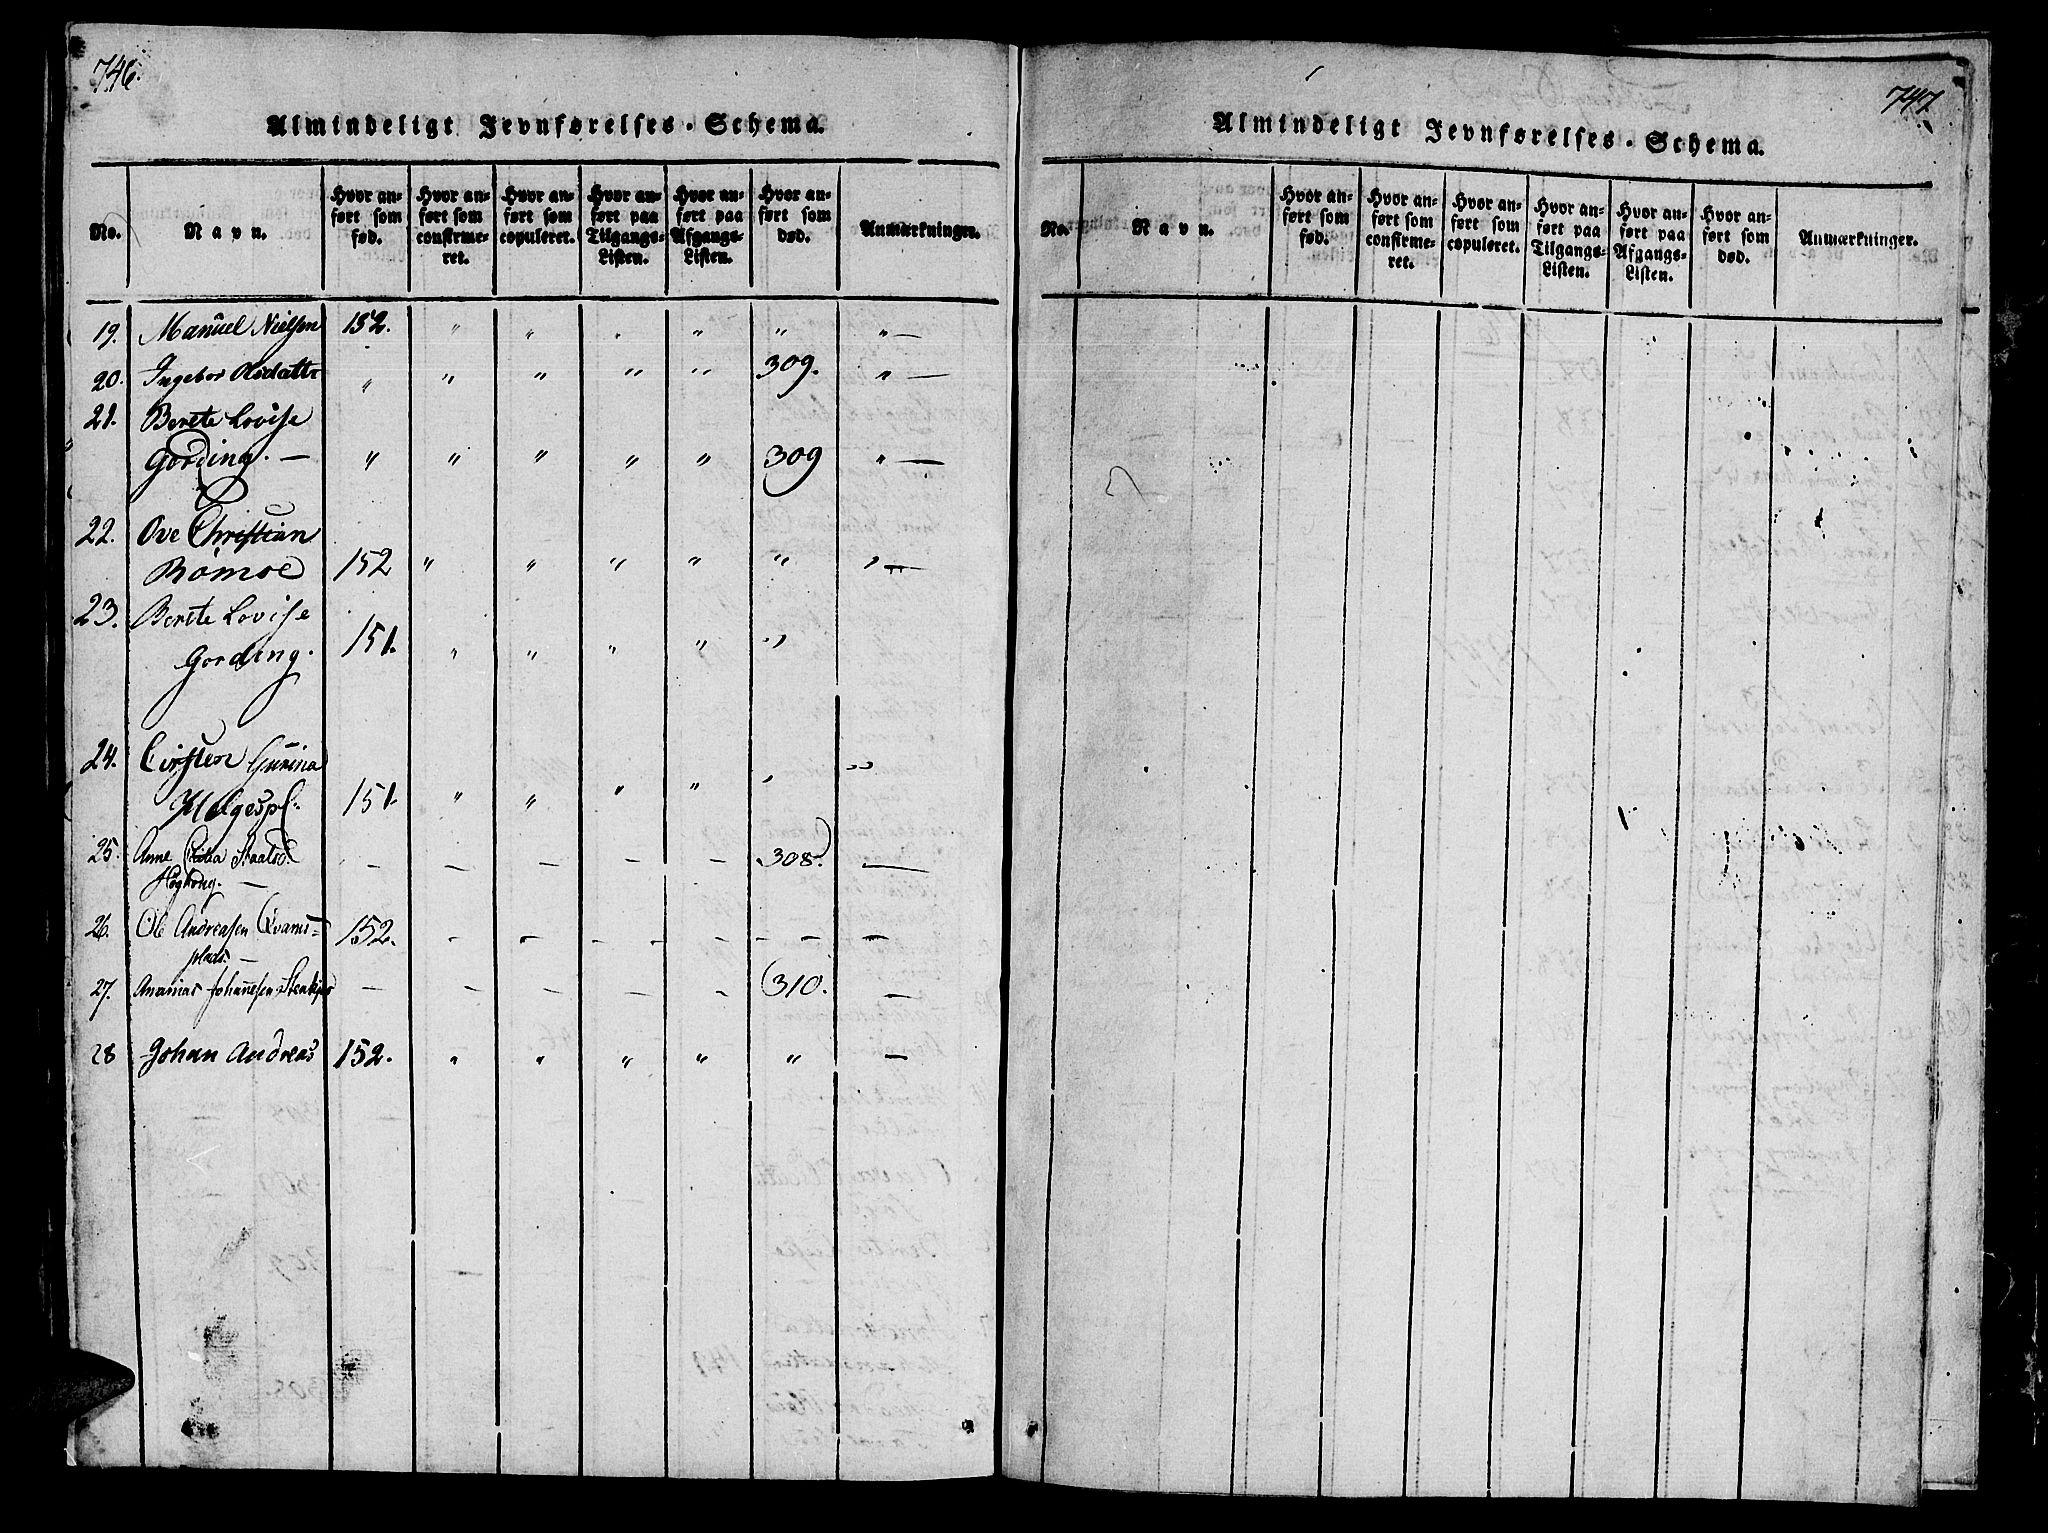 SAT, Ministerialprotokoller, klokkerbøker og fødselsregistre - Nord-Trøndelag, 746/L0441: Ministerialbok nr. 736A03 /3, 1816-1827, s. 746-747